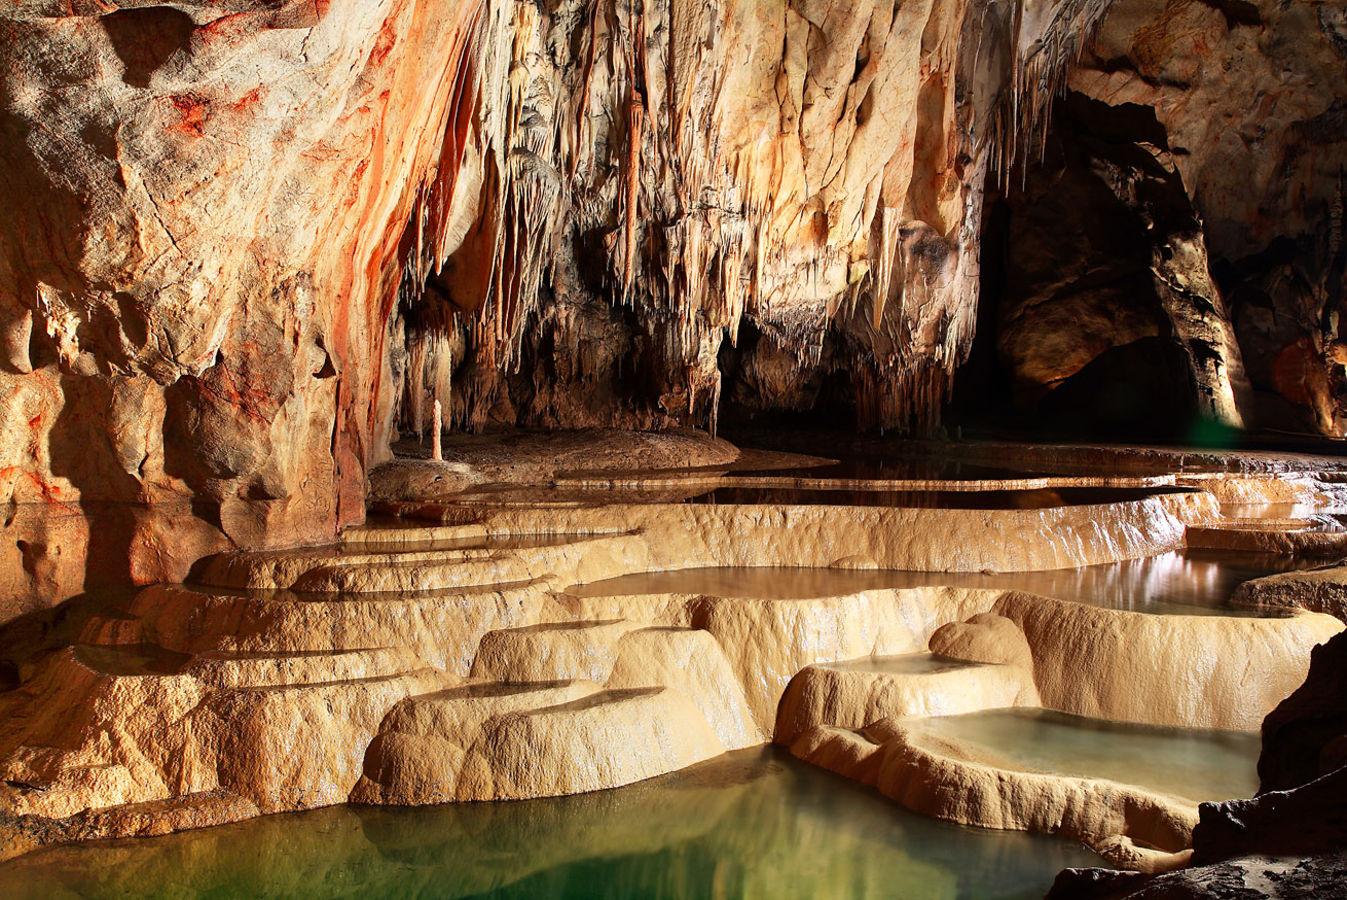 Výsledok vyhľadávania obrázkov pre dopyt Jaskyňa Domica, Slovensko